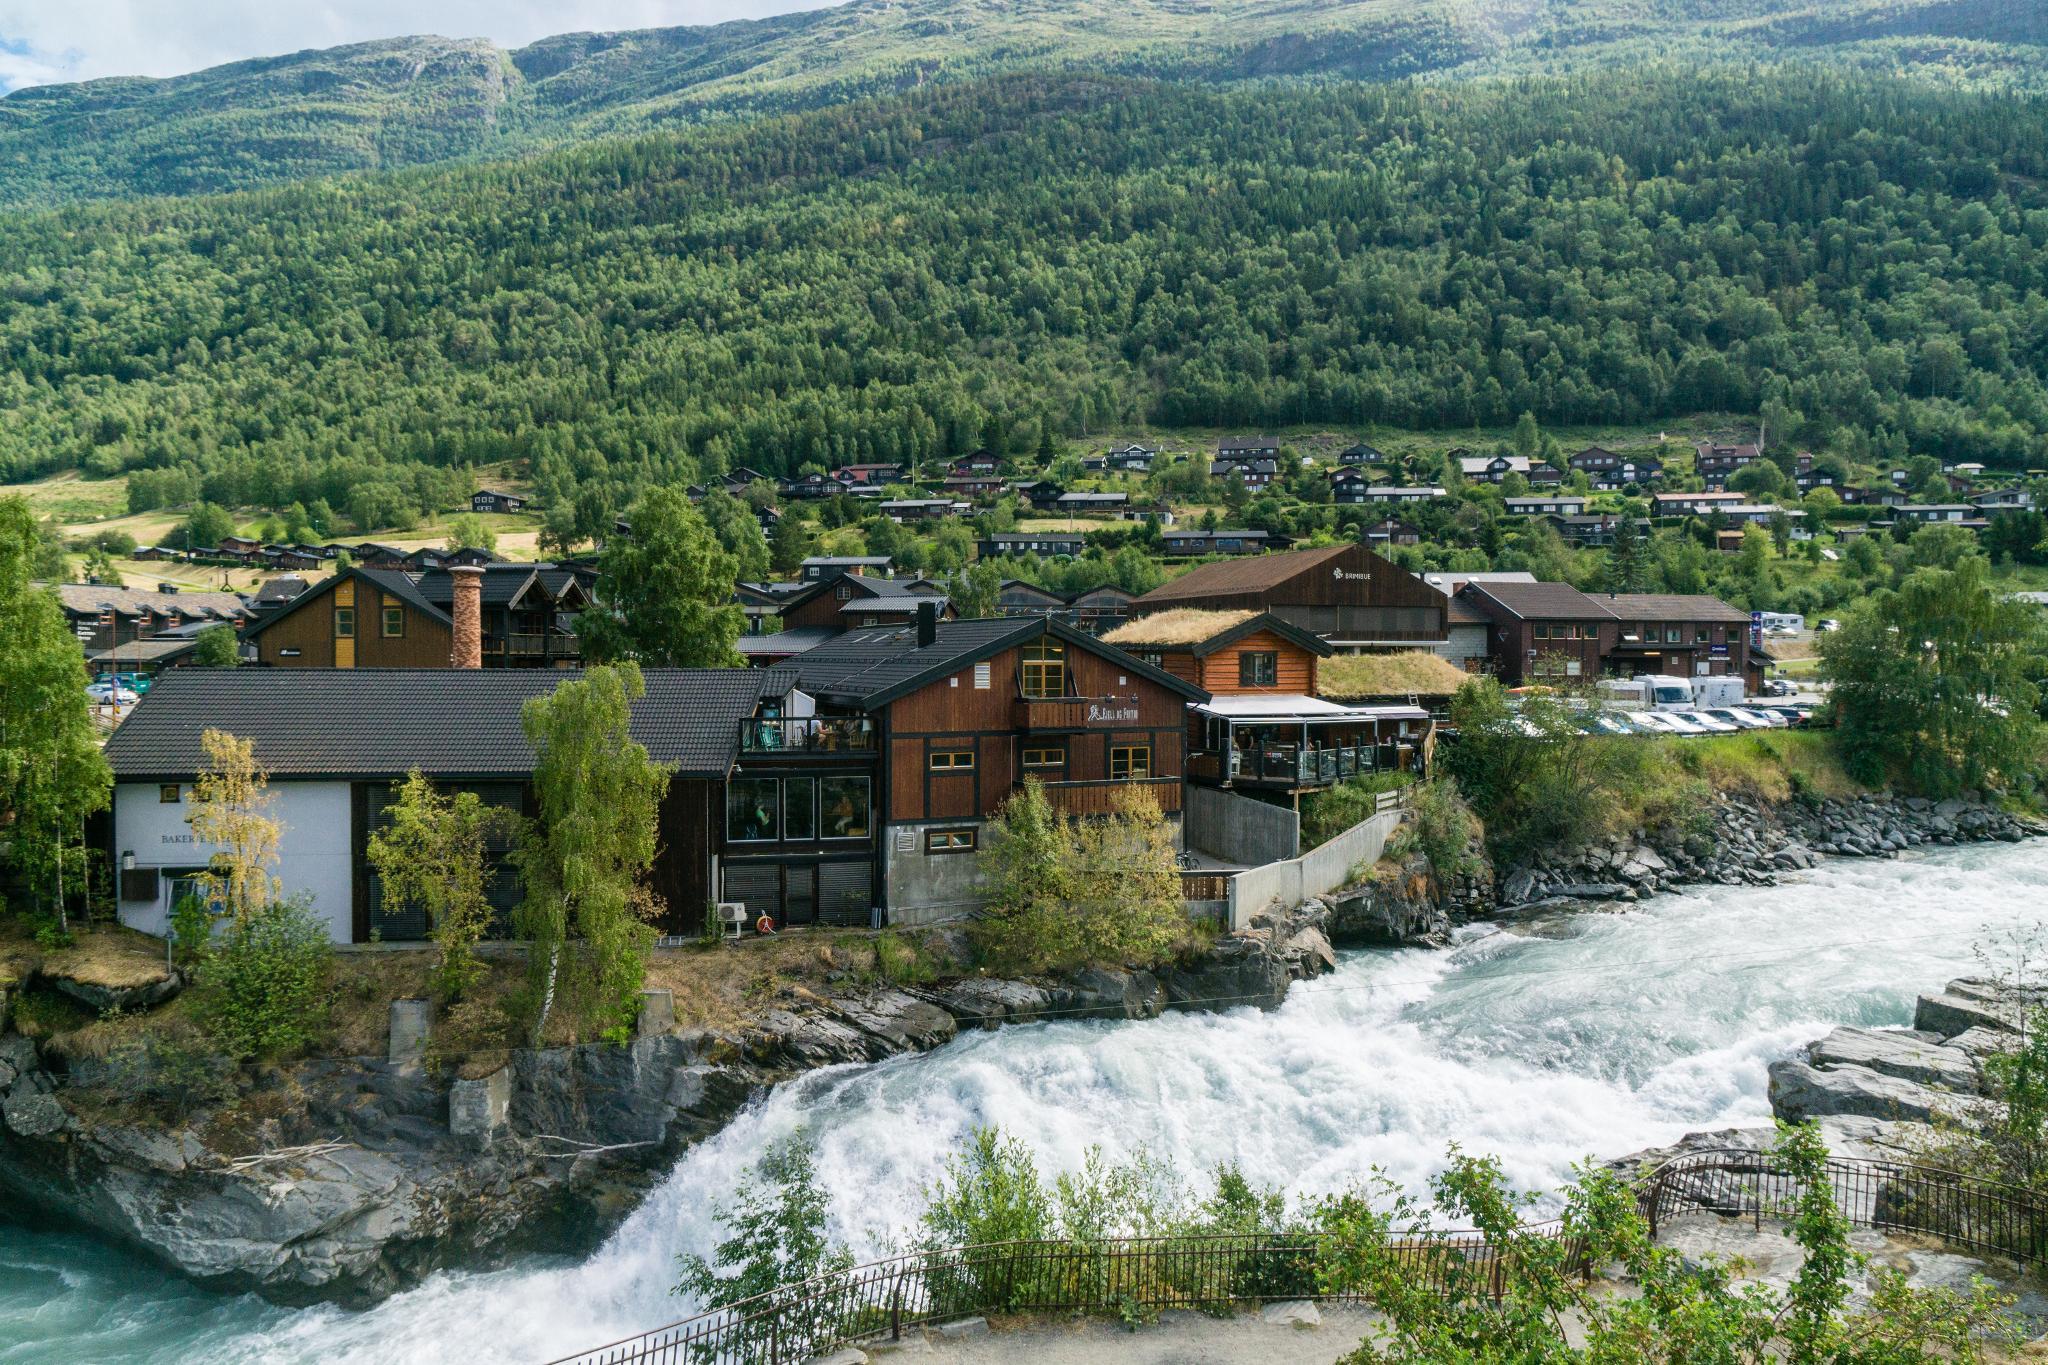 【北歐景點】穿越挪威的屋脊 - 前進北歐最美的冰原景觀公路 Fv55松恩山路 (Sognefjellet) 8